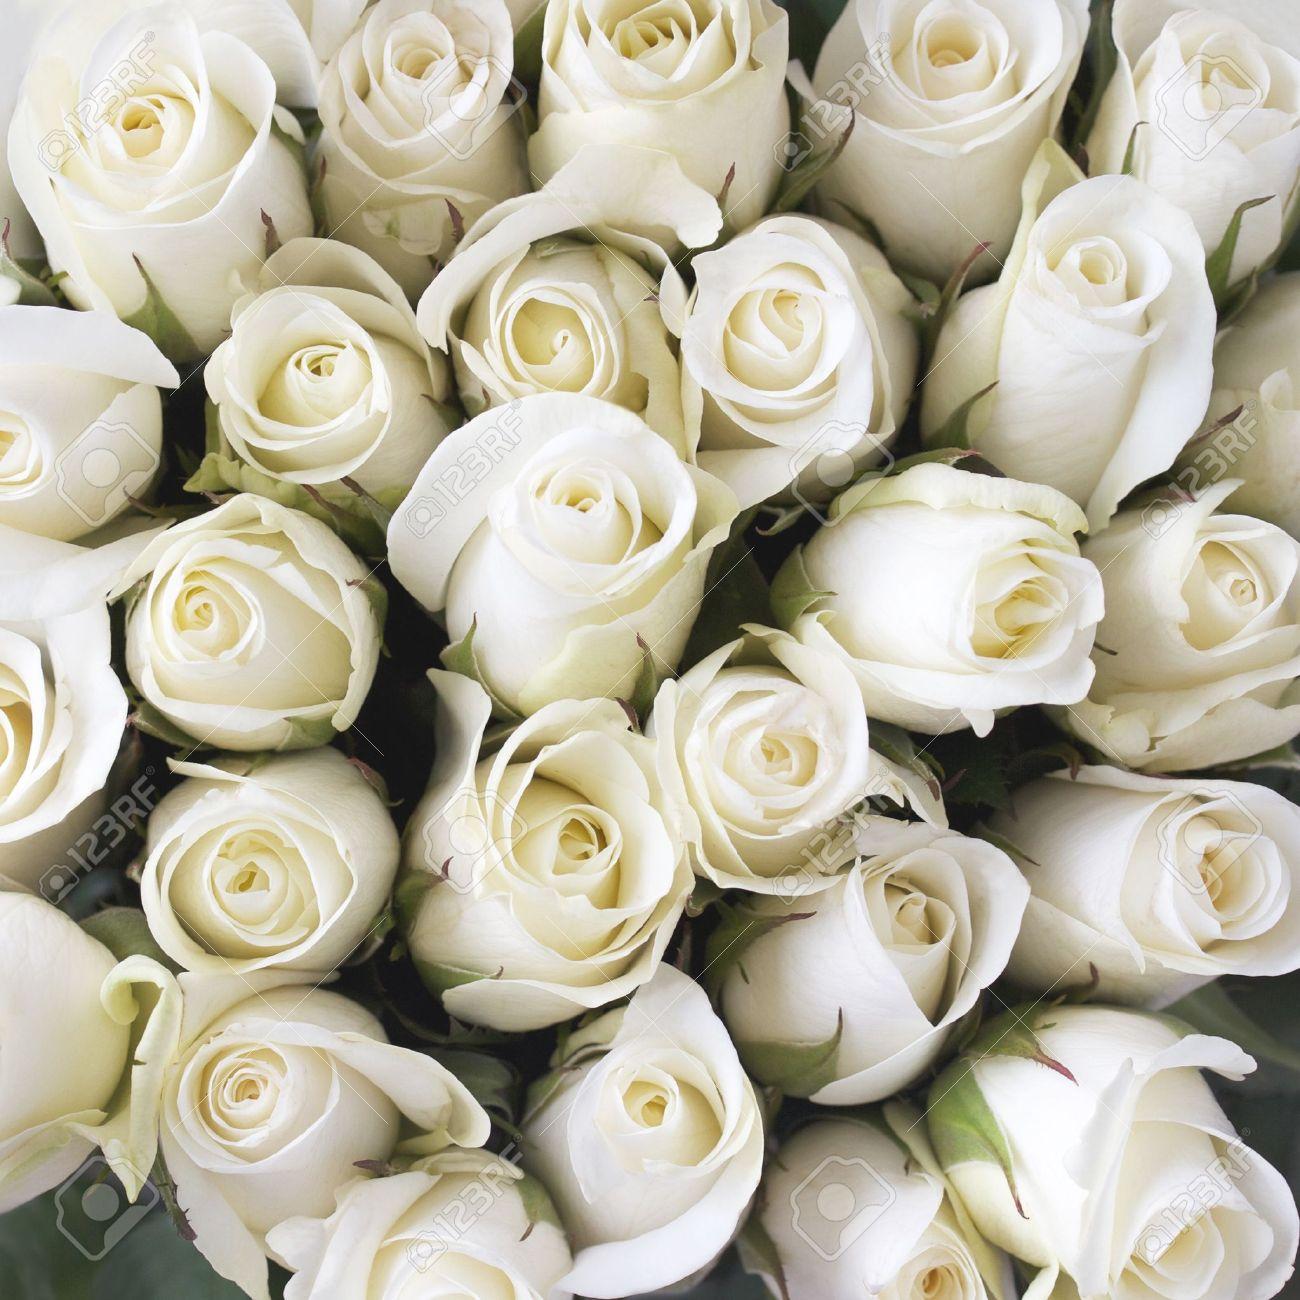 Rosen hintergrundbilder weiße 22+ Hintergrundbilder